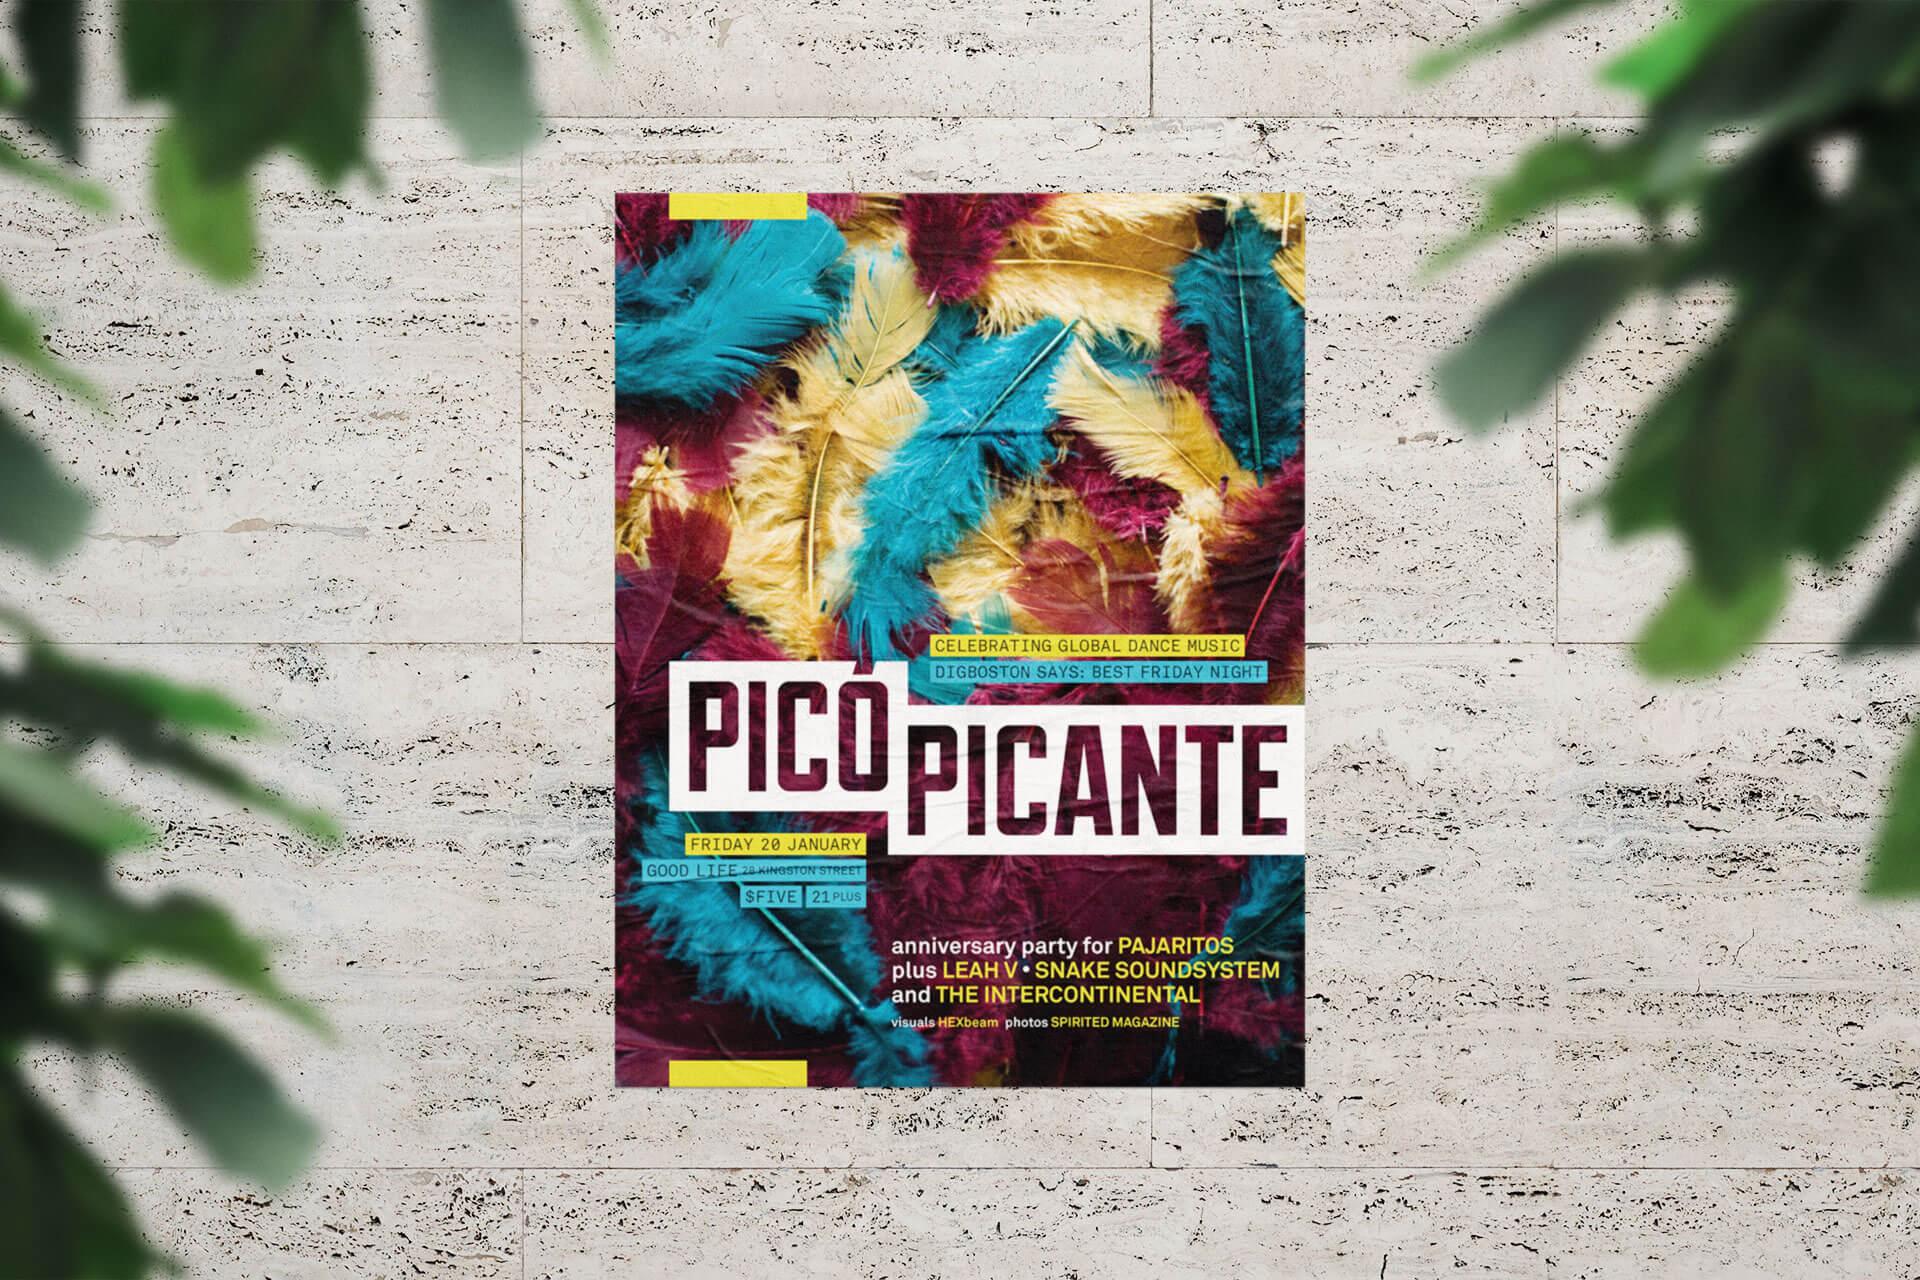 studio-malagon-pico-picante-poster-mockup-03